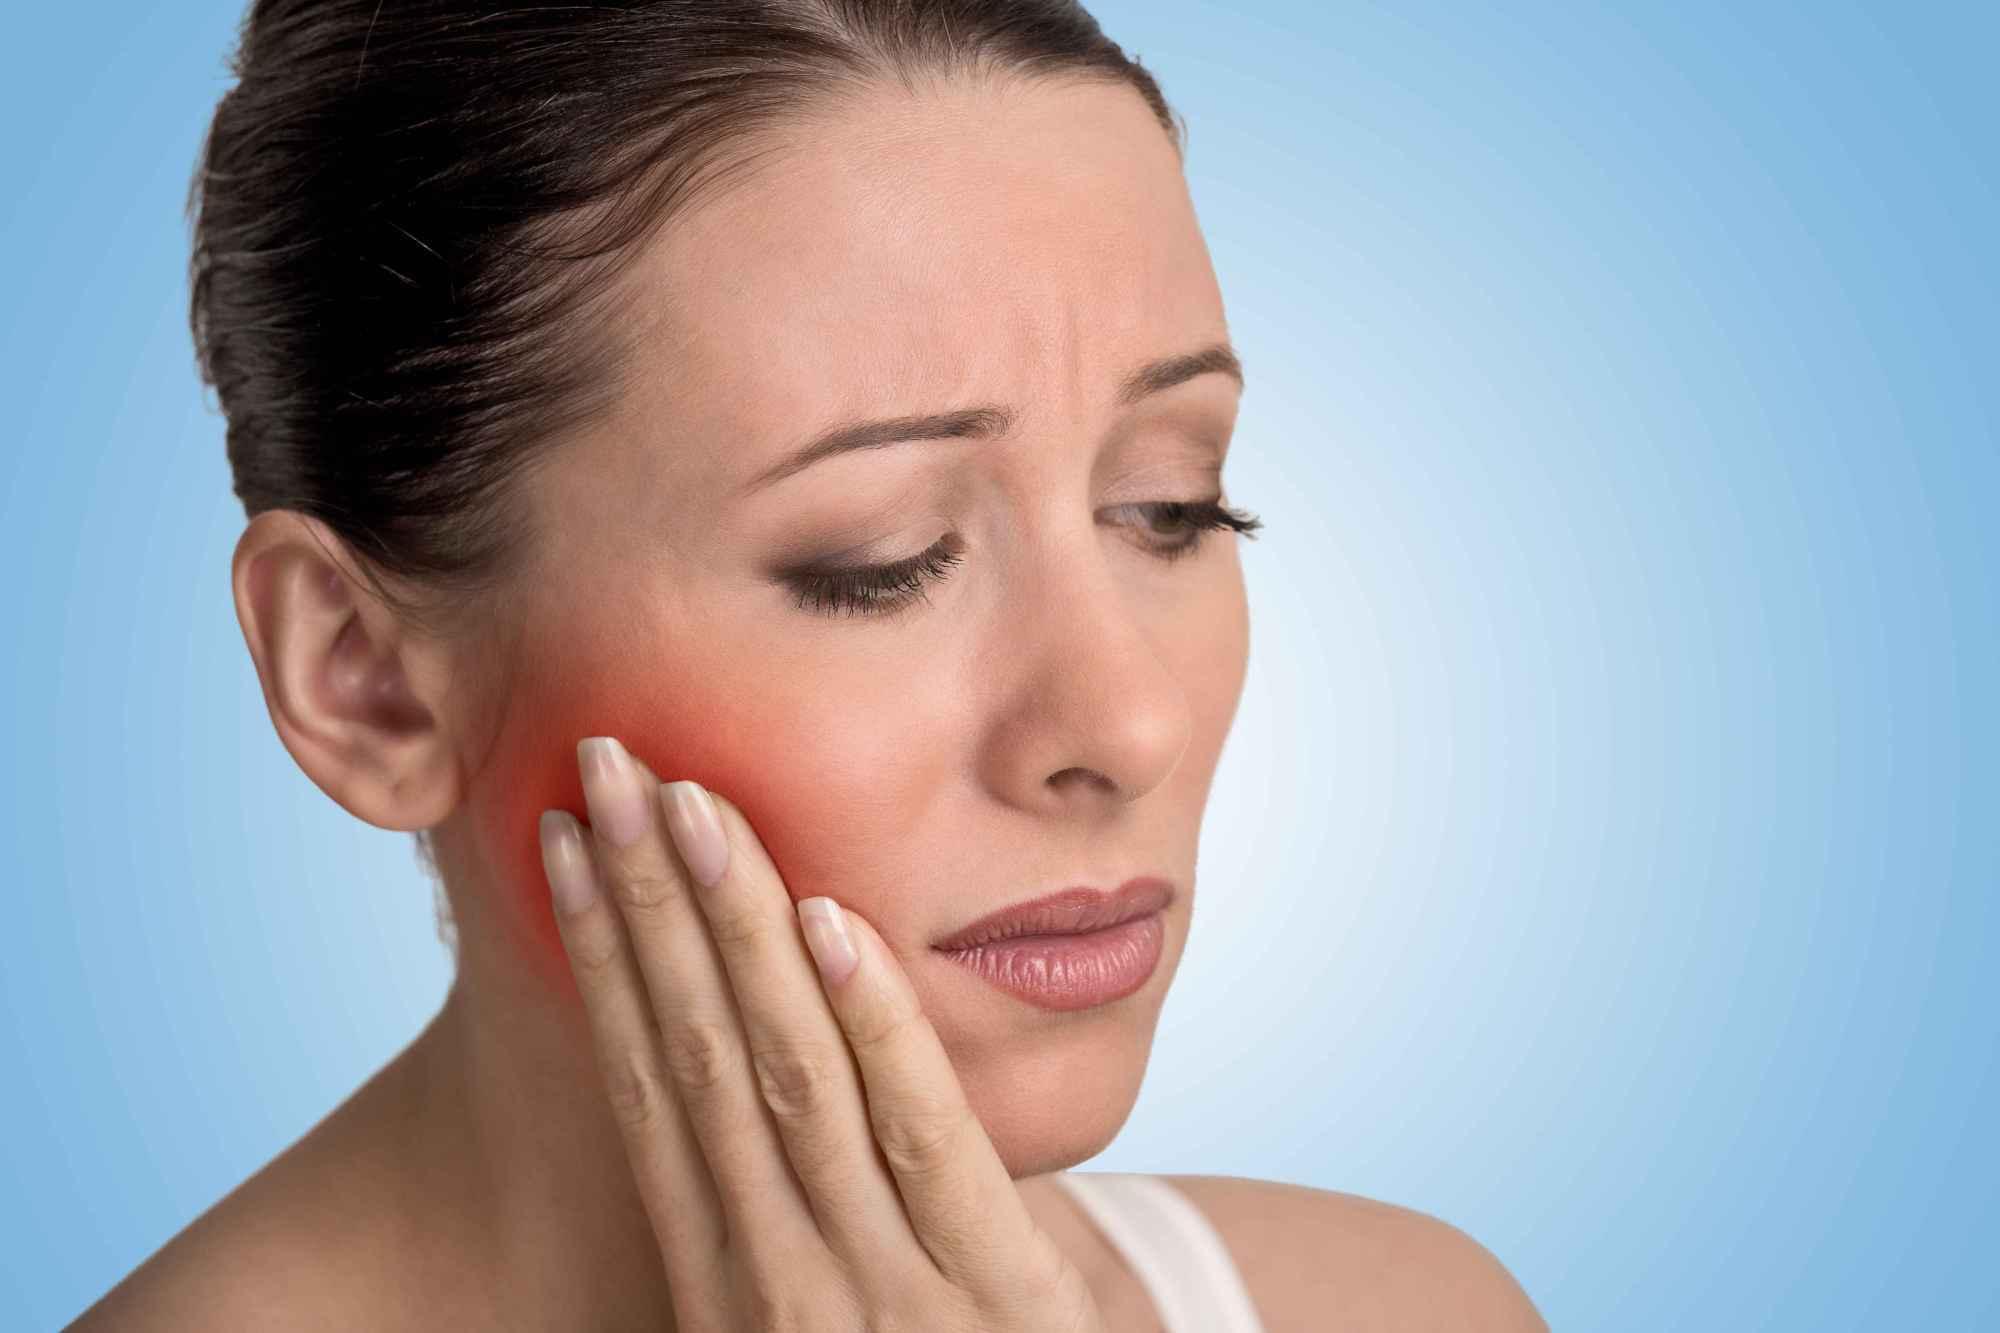 智齿后面的牙肉肿痛